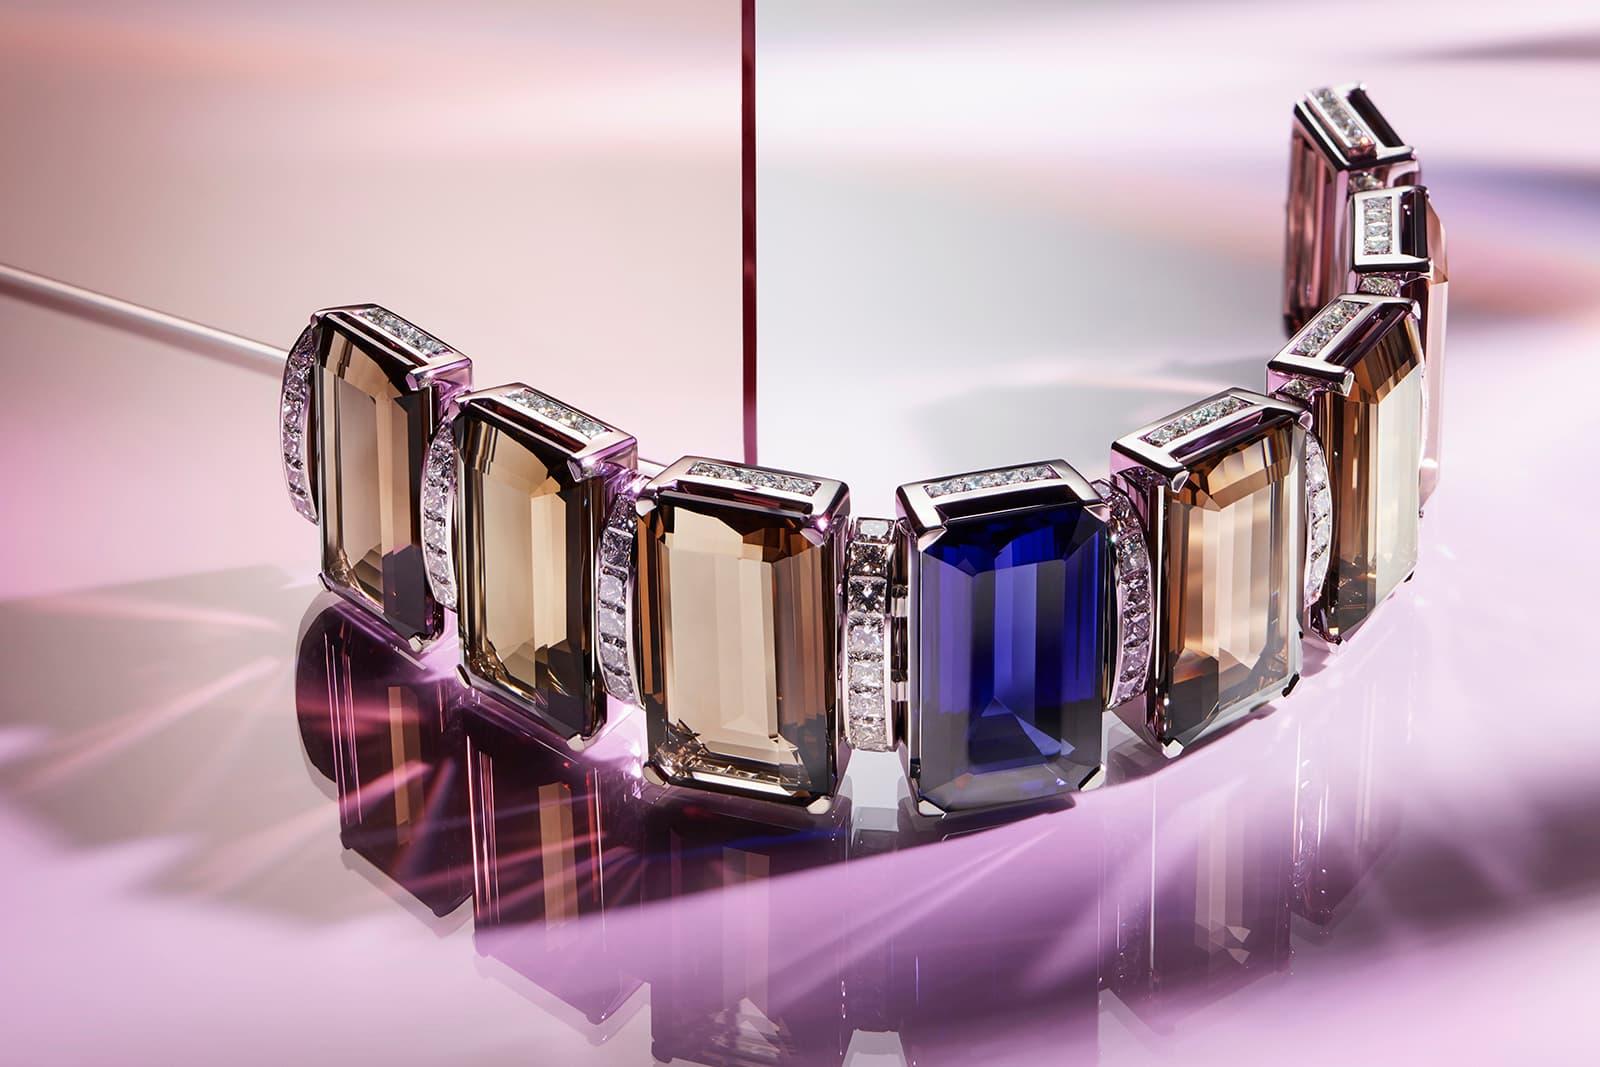 TIFFANY & CO - Blue Book 2019 collection - Bracelet en Platine, Tanzanite de 55ct, Quartz Fumé et Diamant.